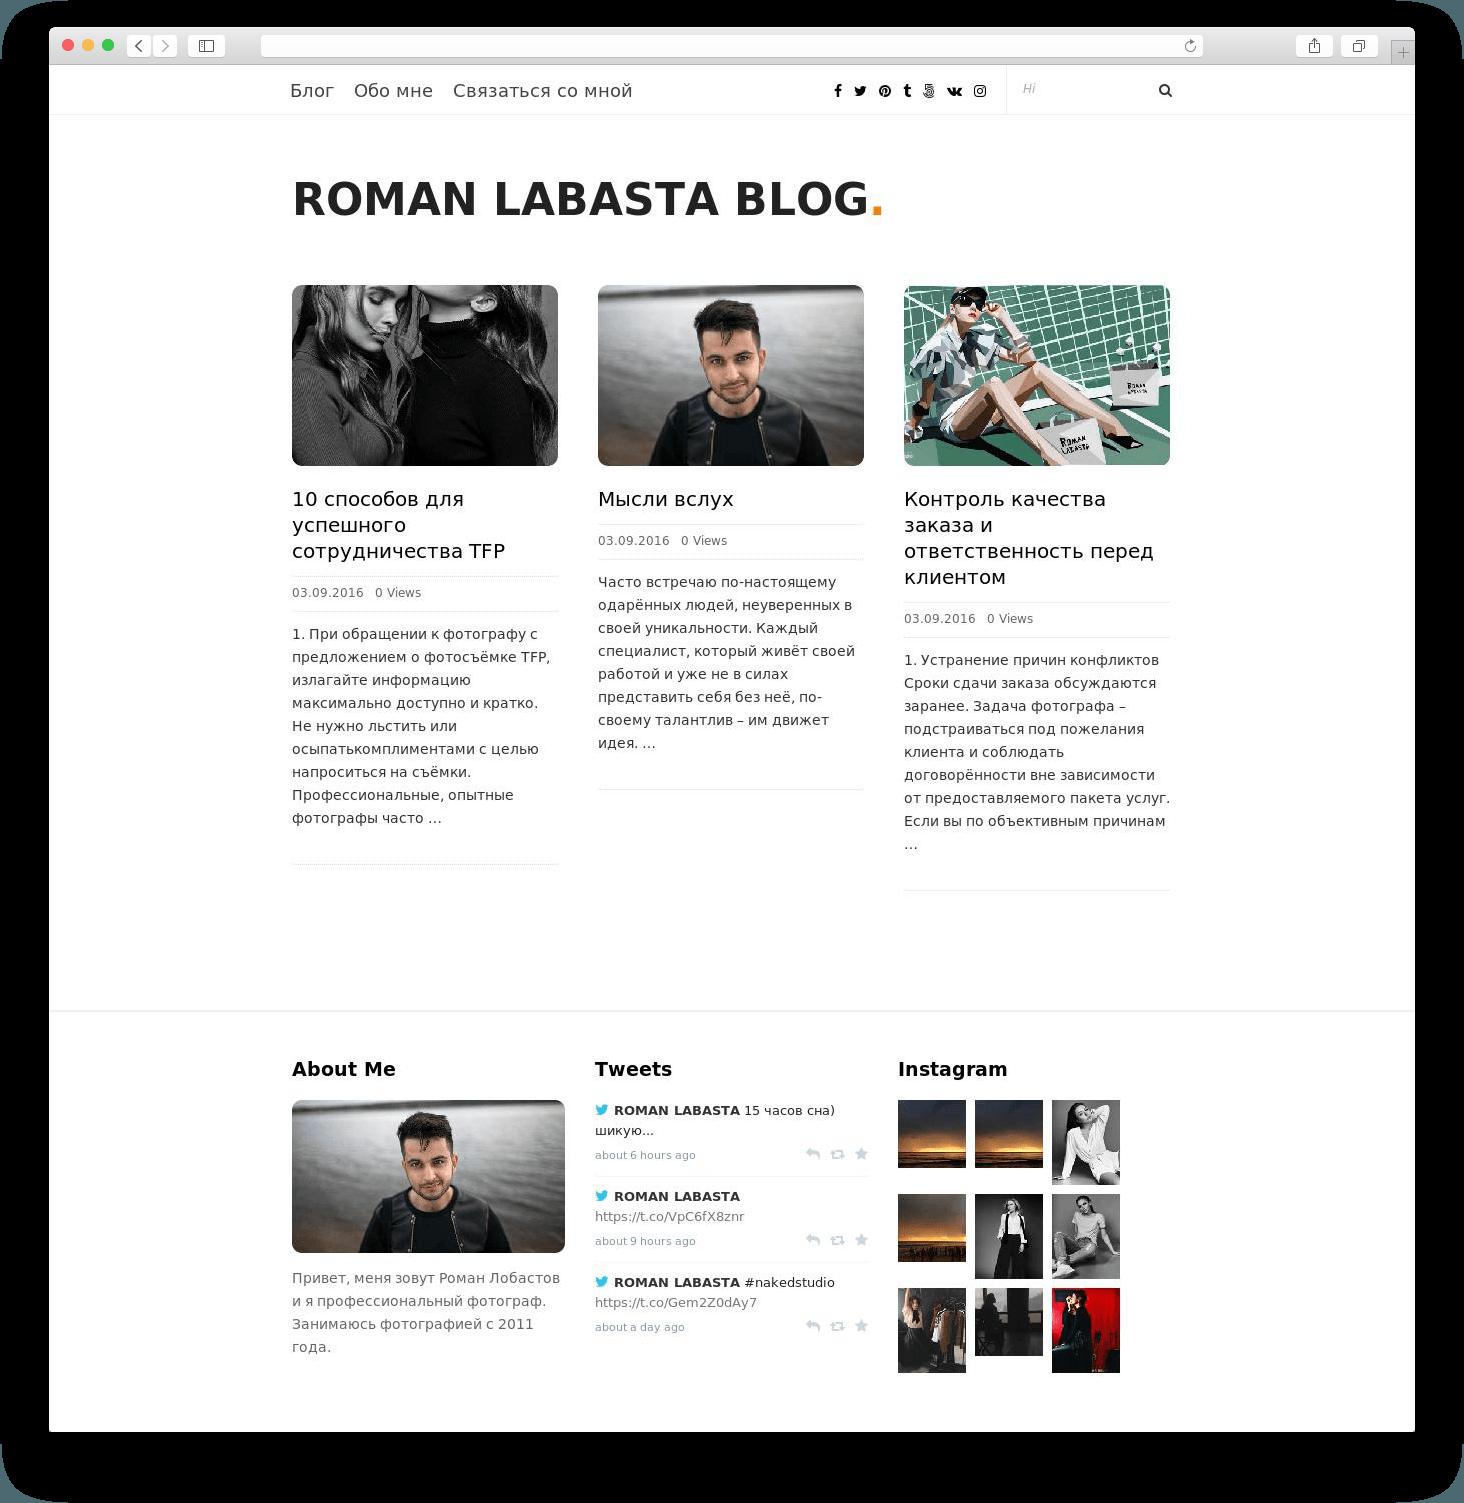 romanlabasta.ru